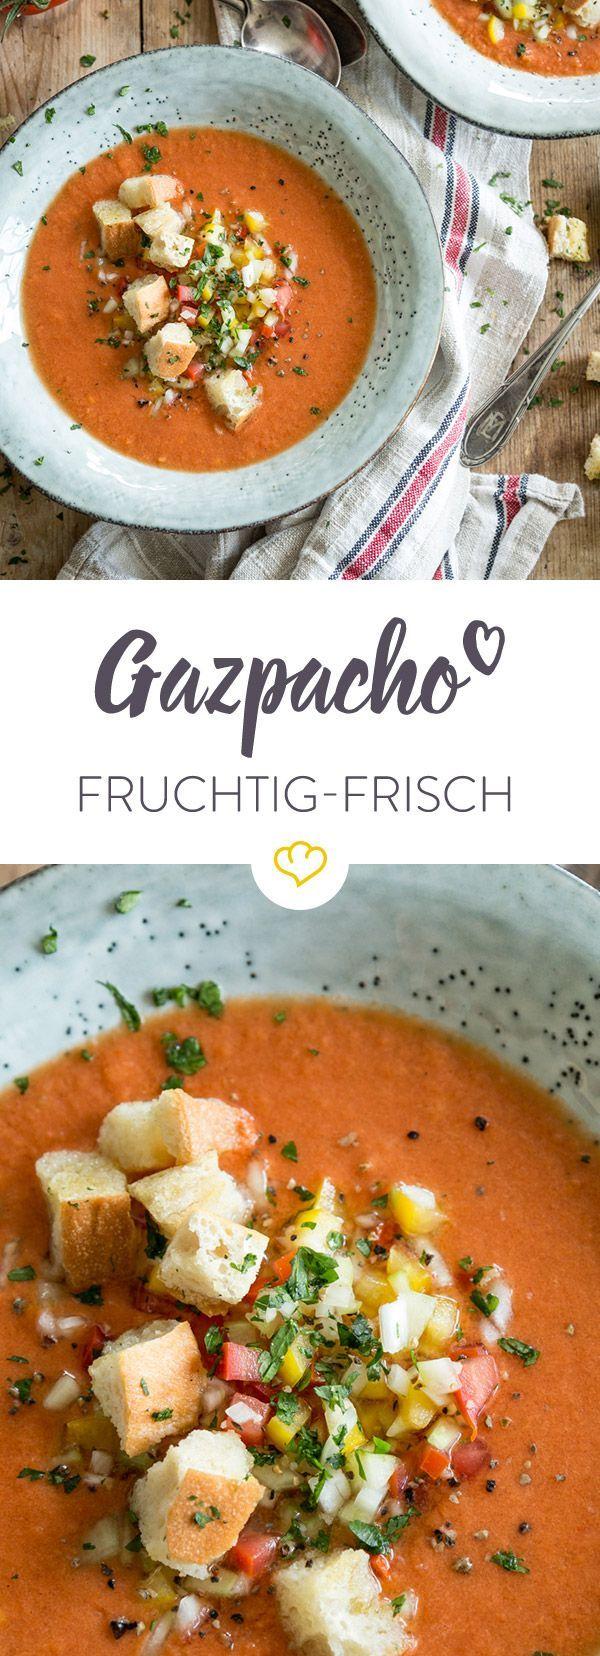 Alles was du im Sommer brauchst: Gazpacho